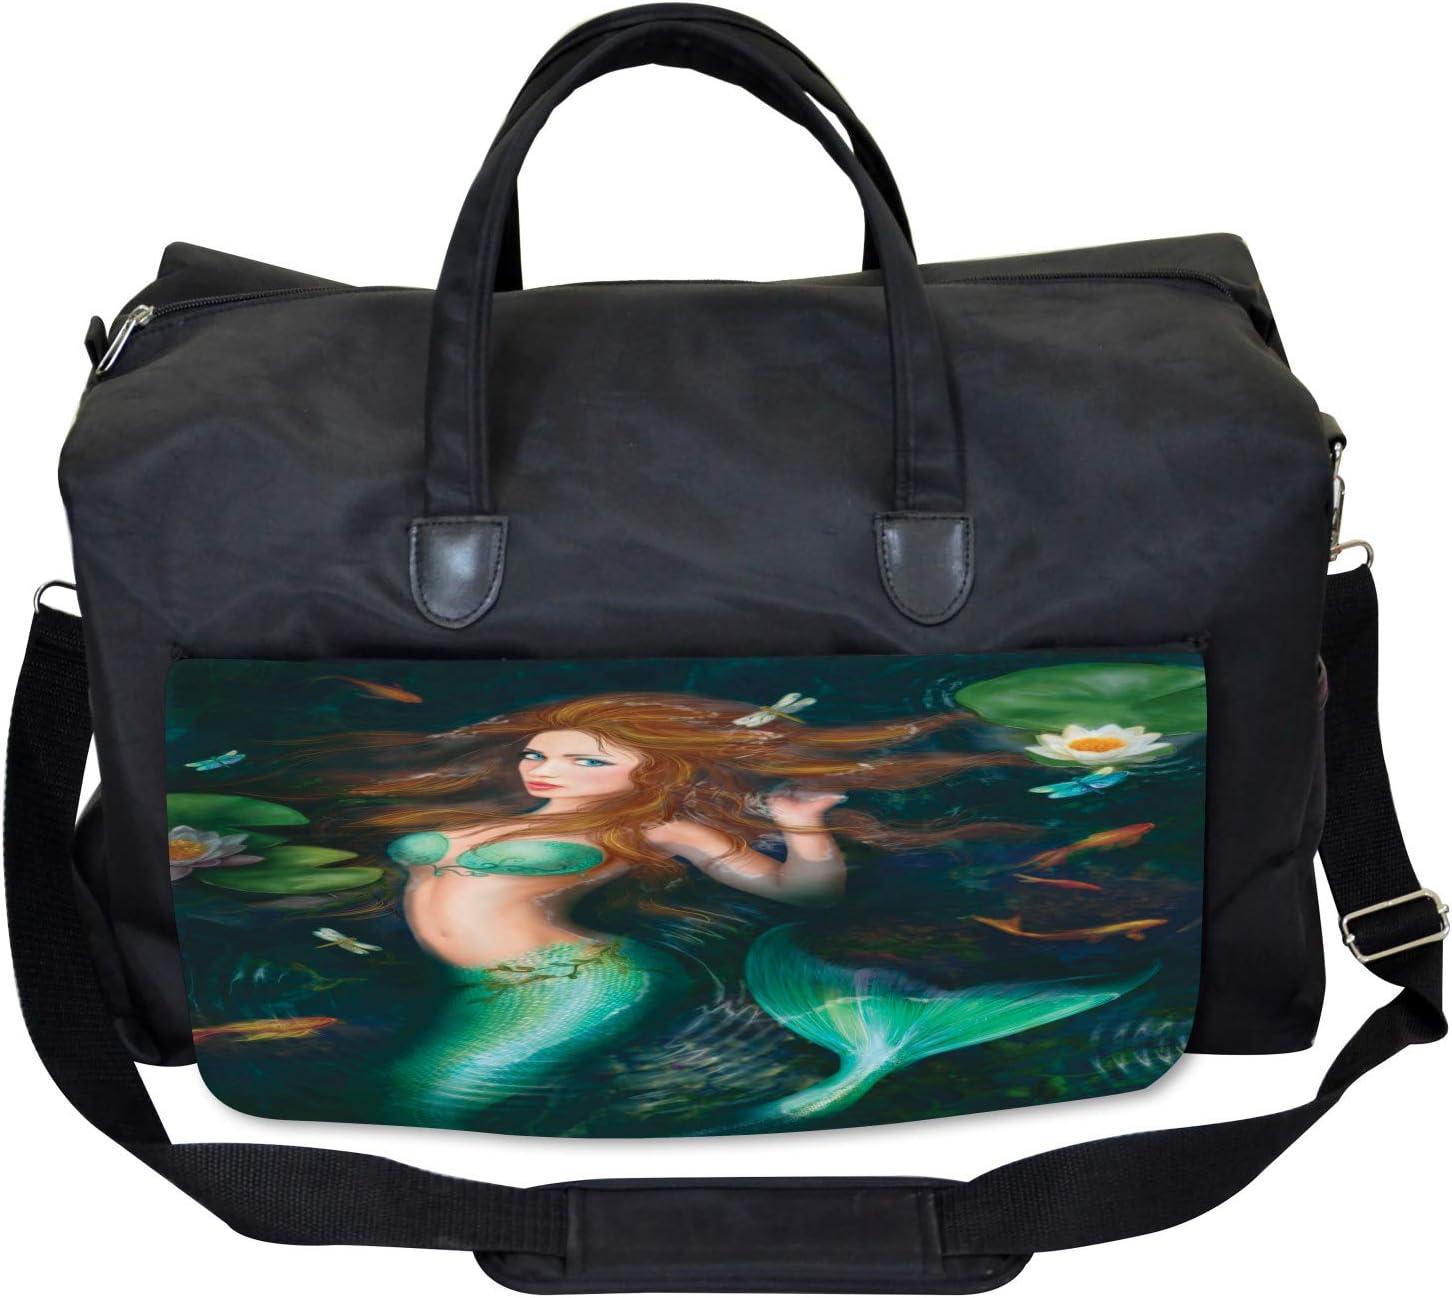 Ambesonne Fairytale Gym Bag Large Weekender Carry-on Mermaid Lake Lilies